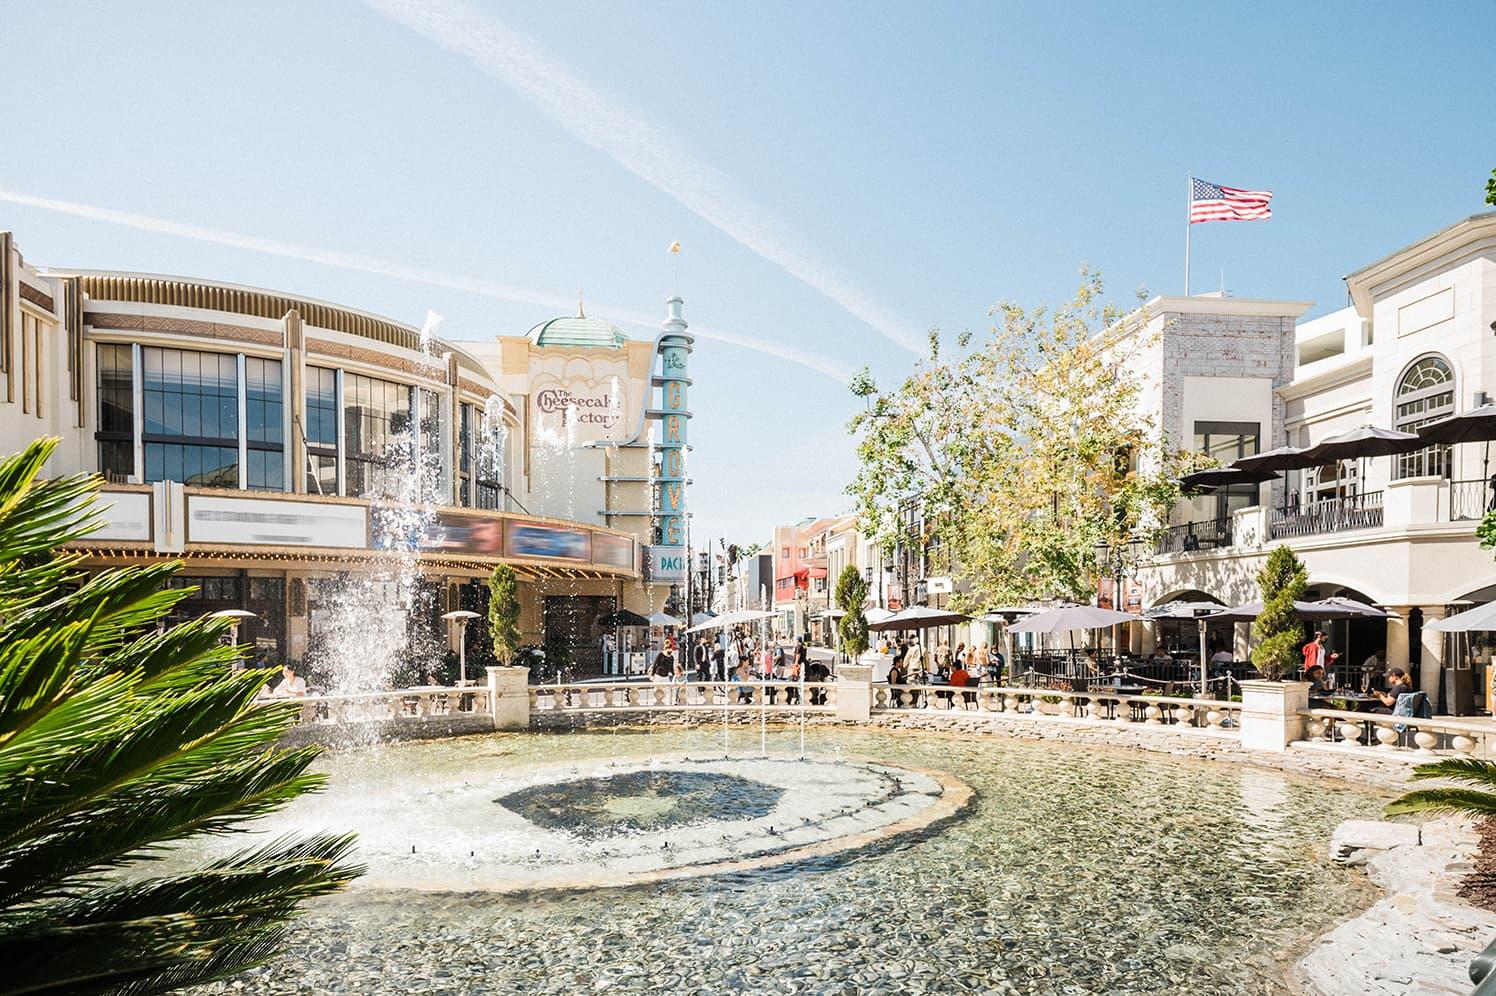 fountain in a sunny square